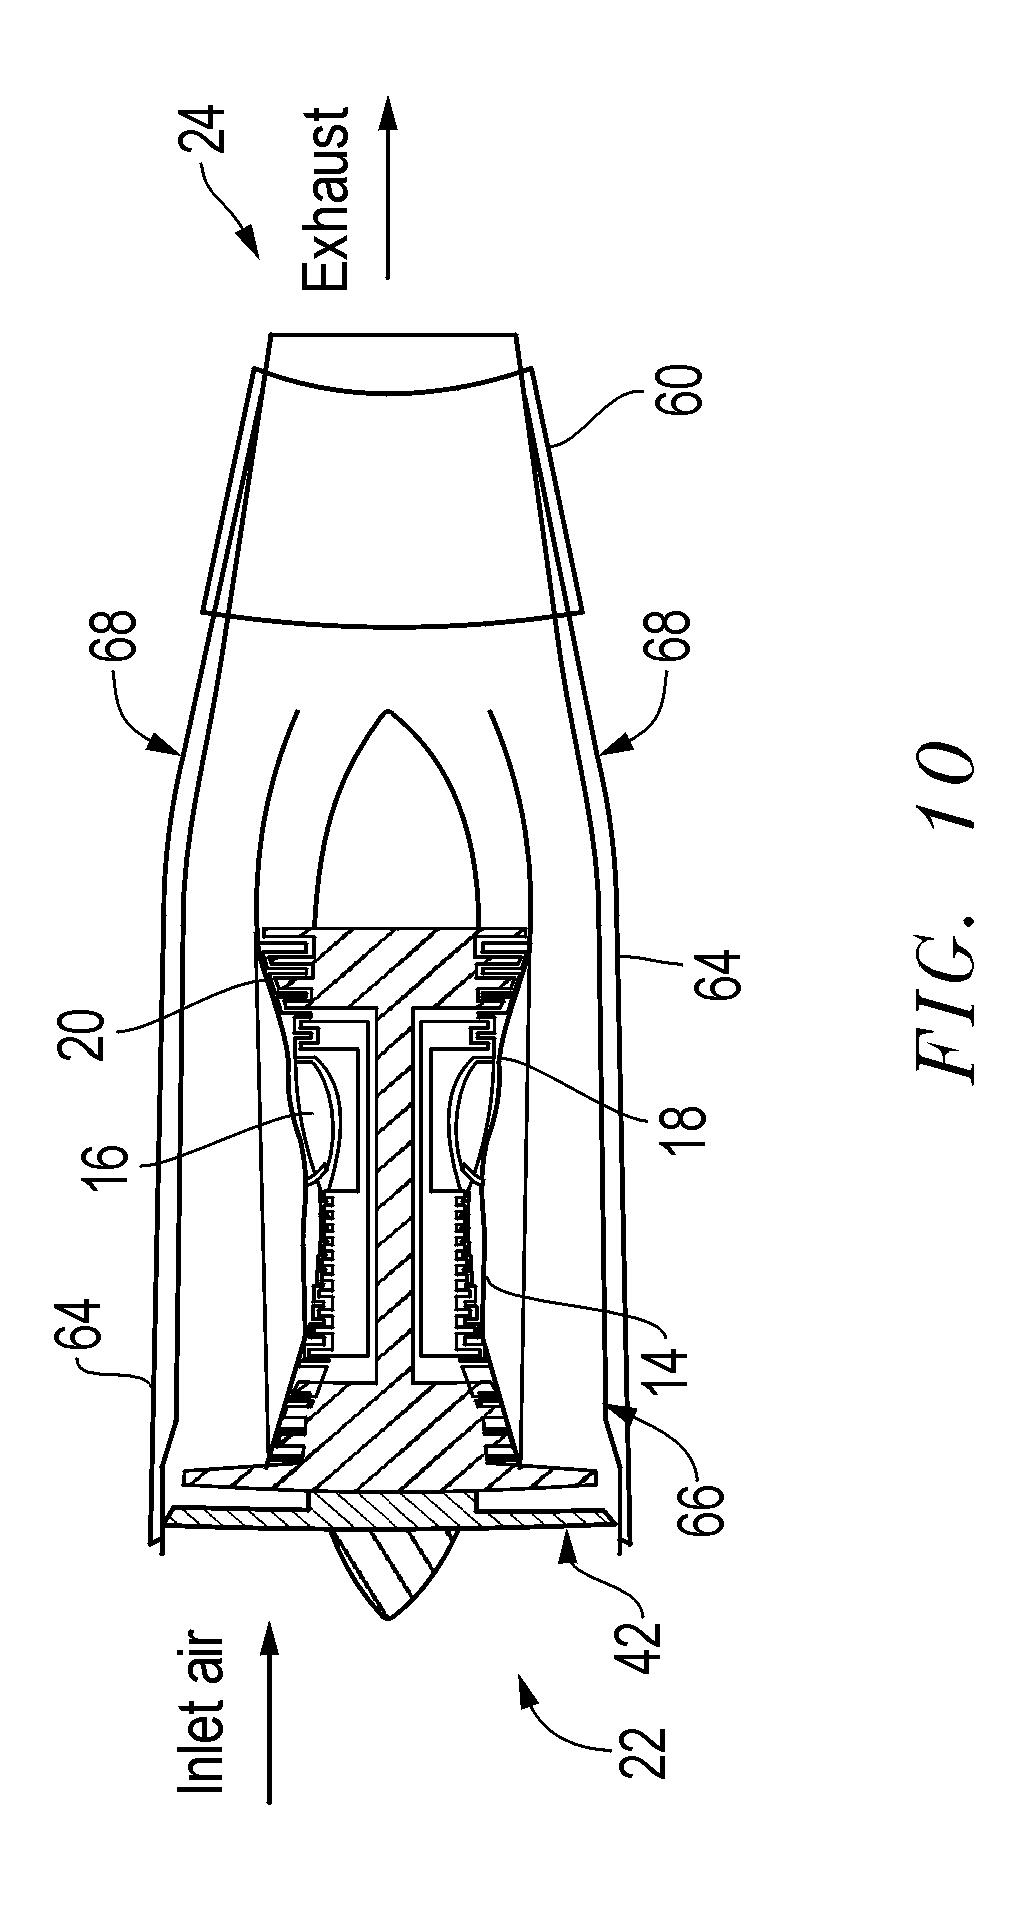 patent us7334409